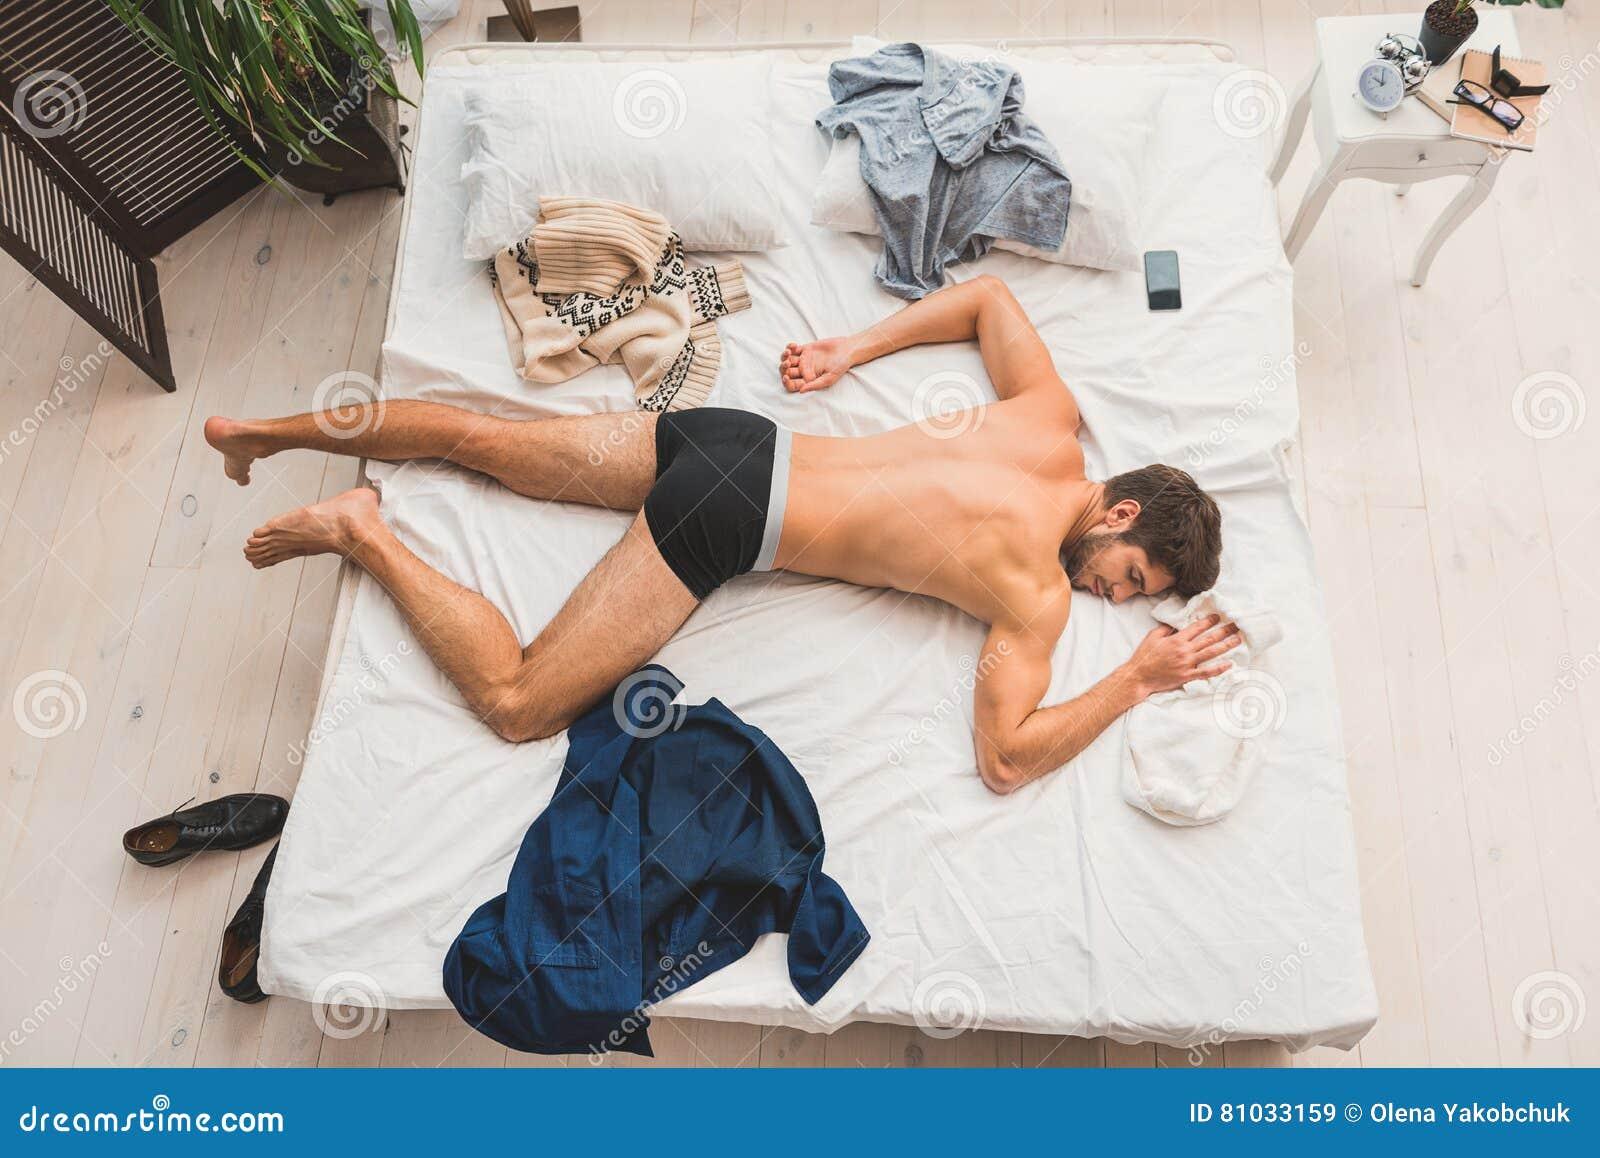 小睡在勤勉天以后的筋疲力尽的人